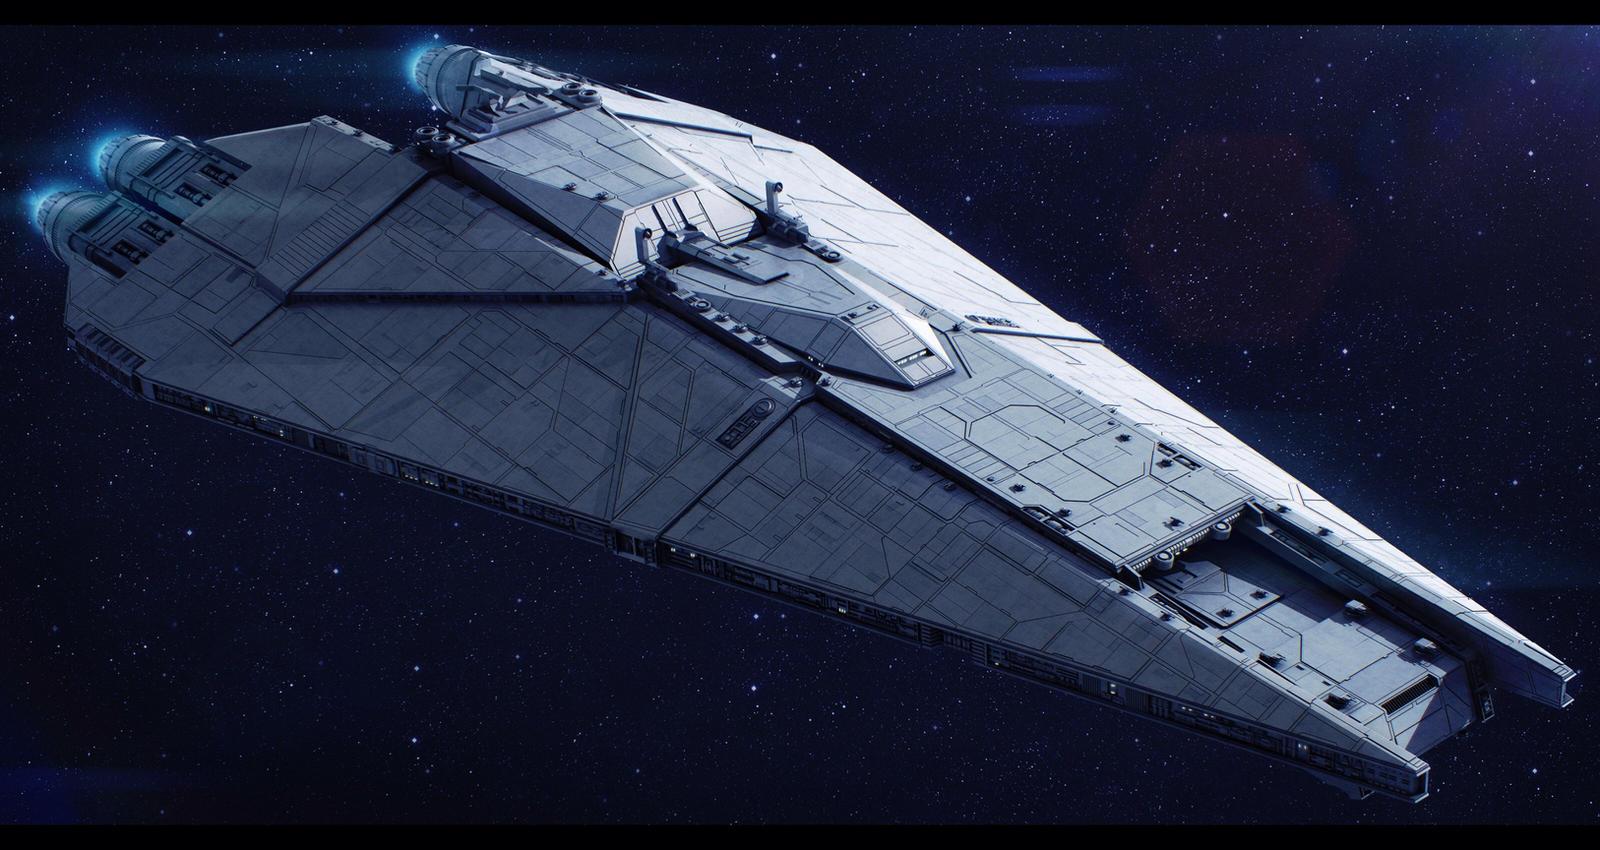 Cec freedom class star defender by shoguneagle on deviantart for Spaceship design